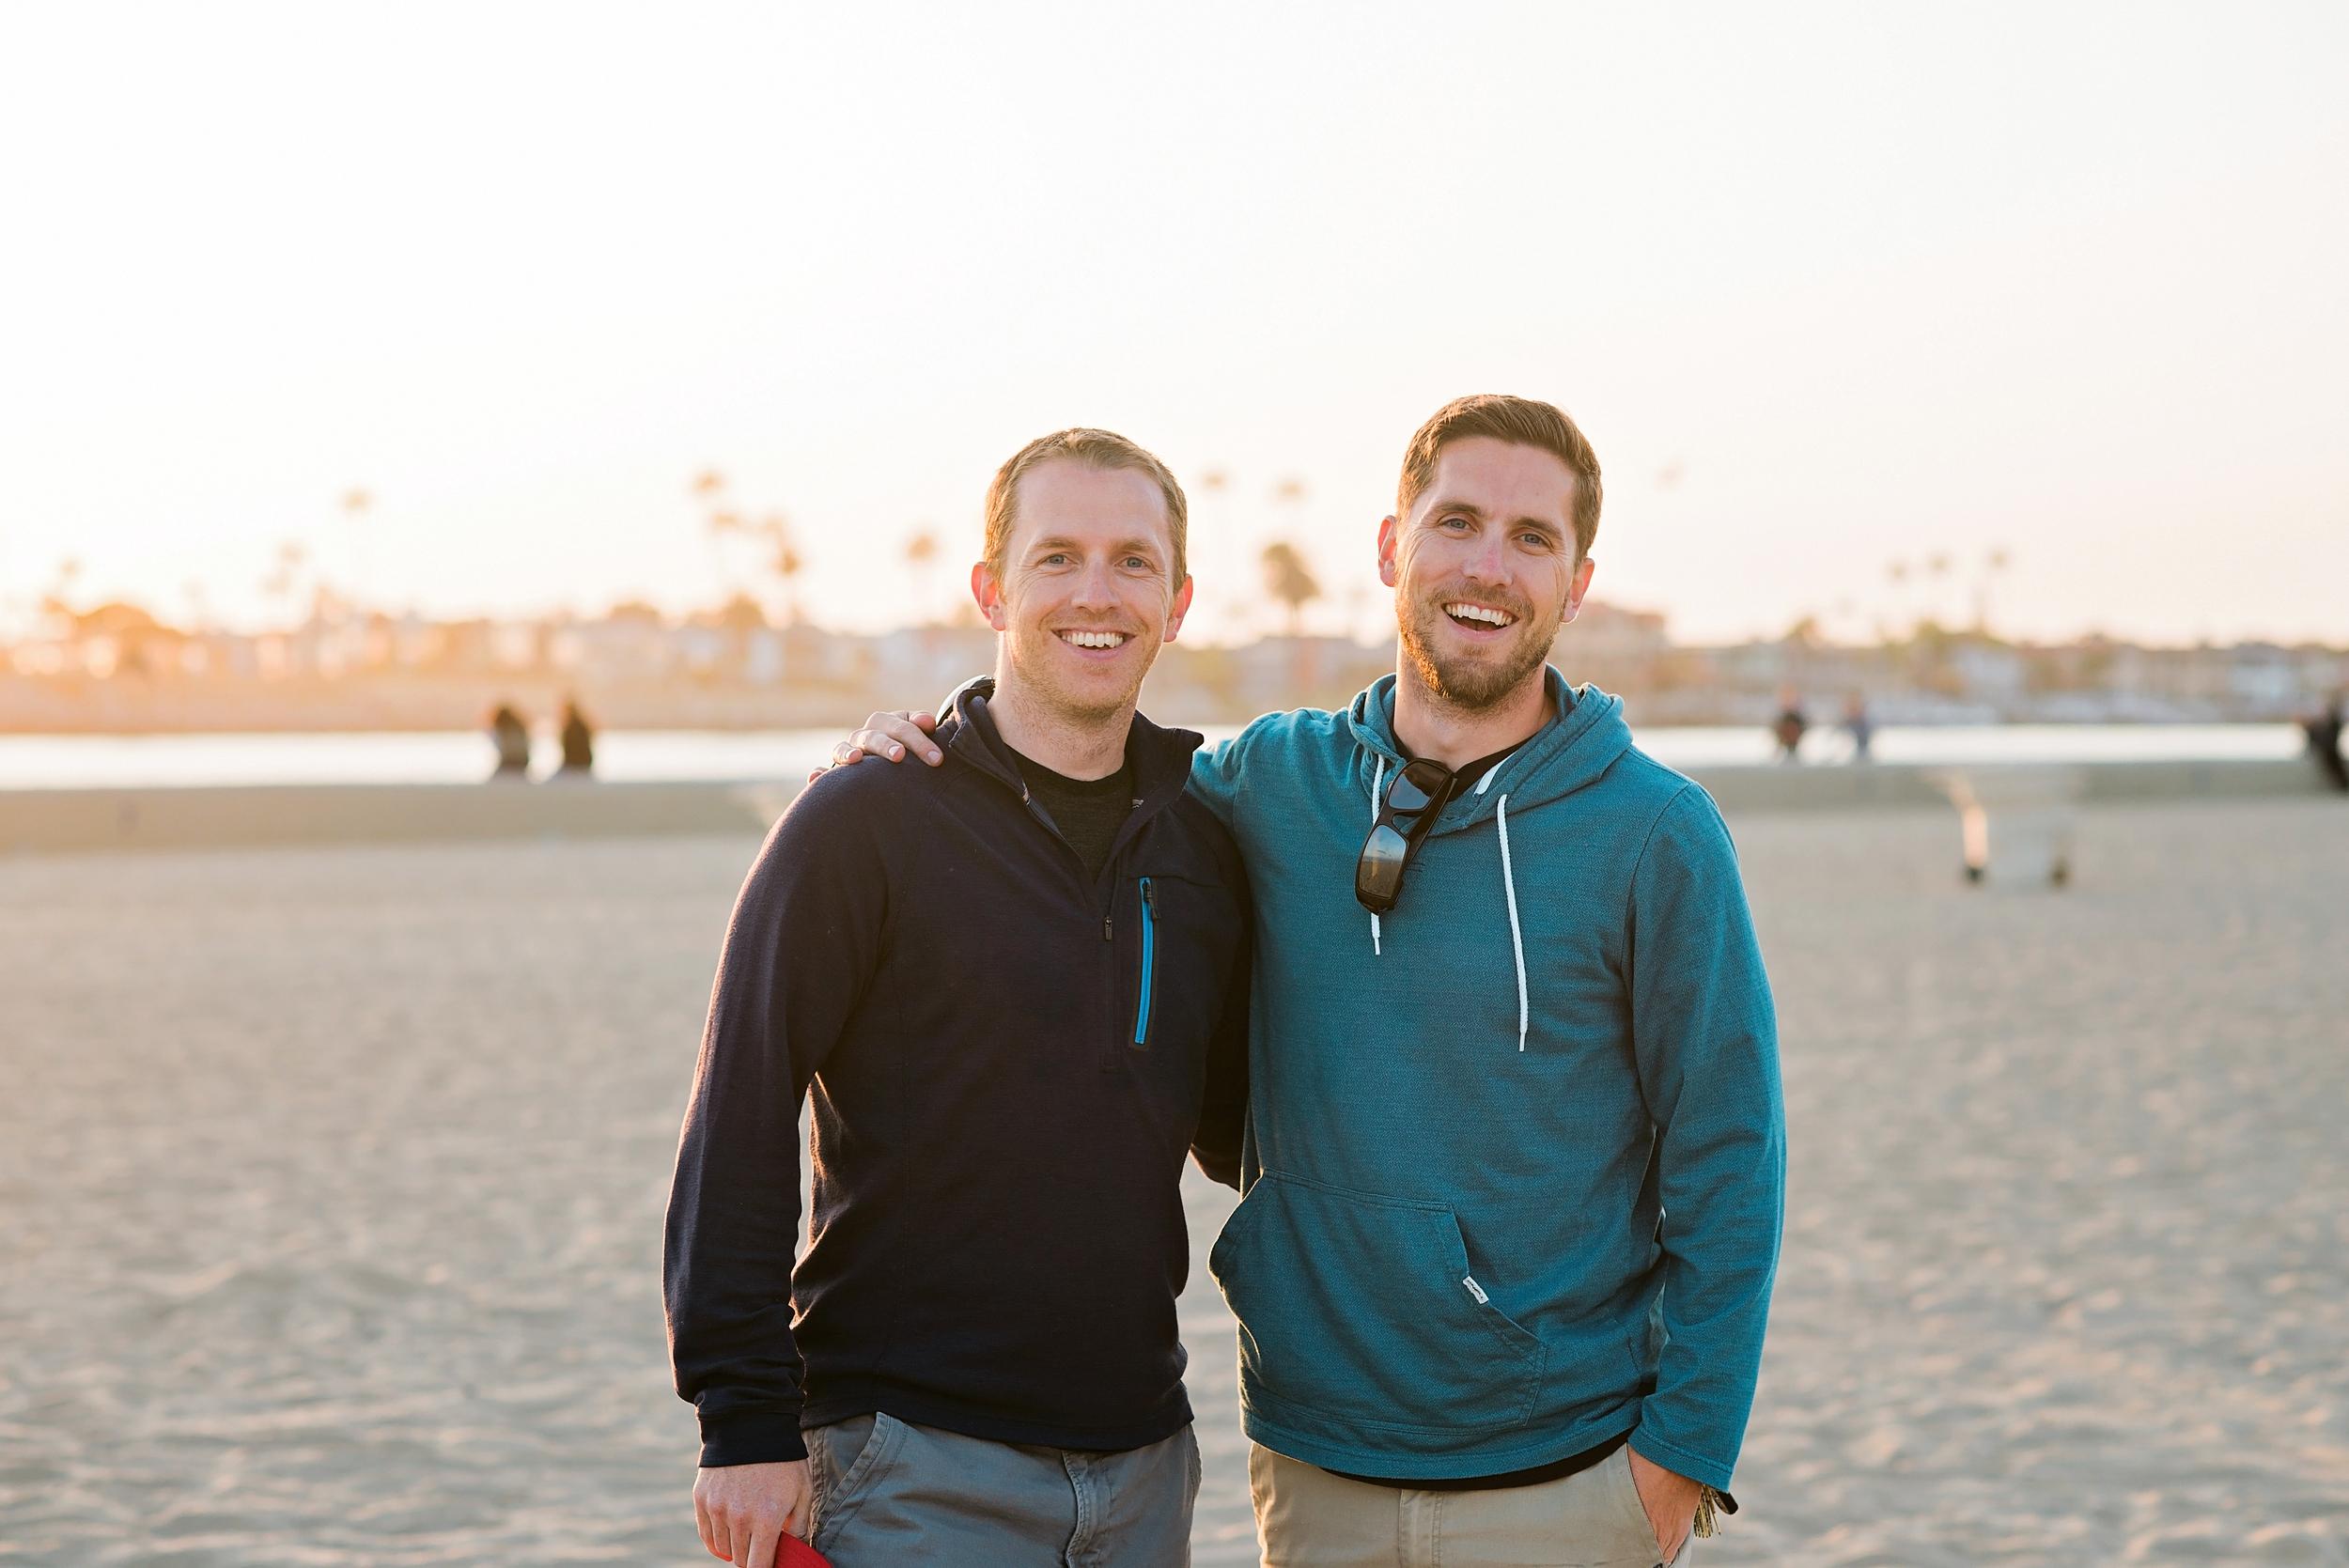 California_2015_Photos48719.jpg